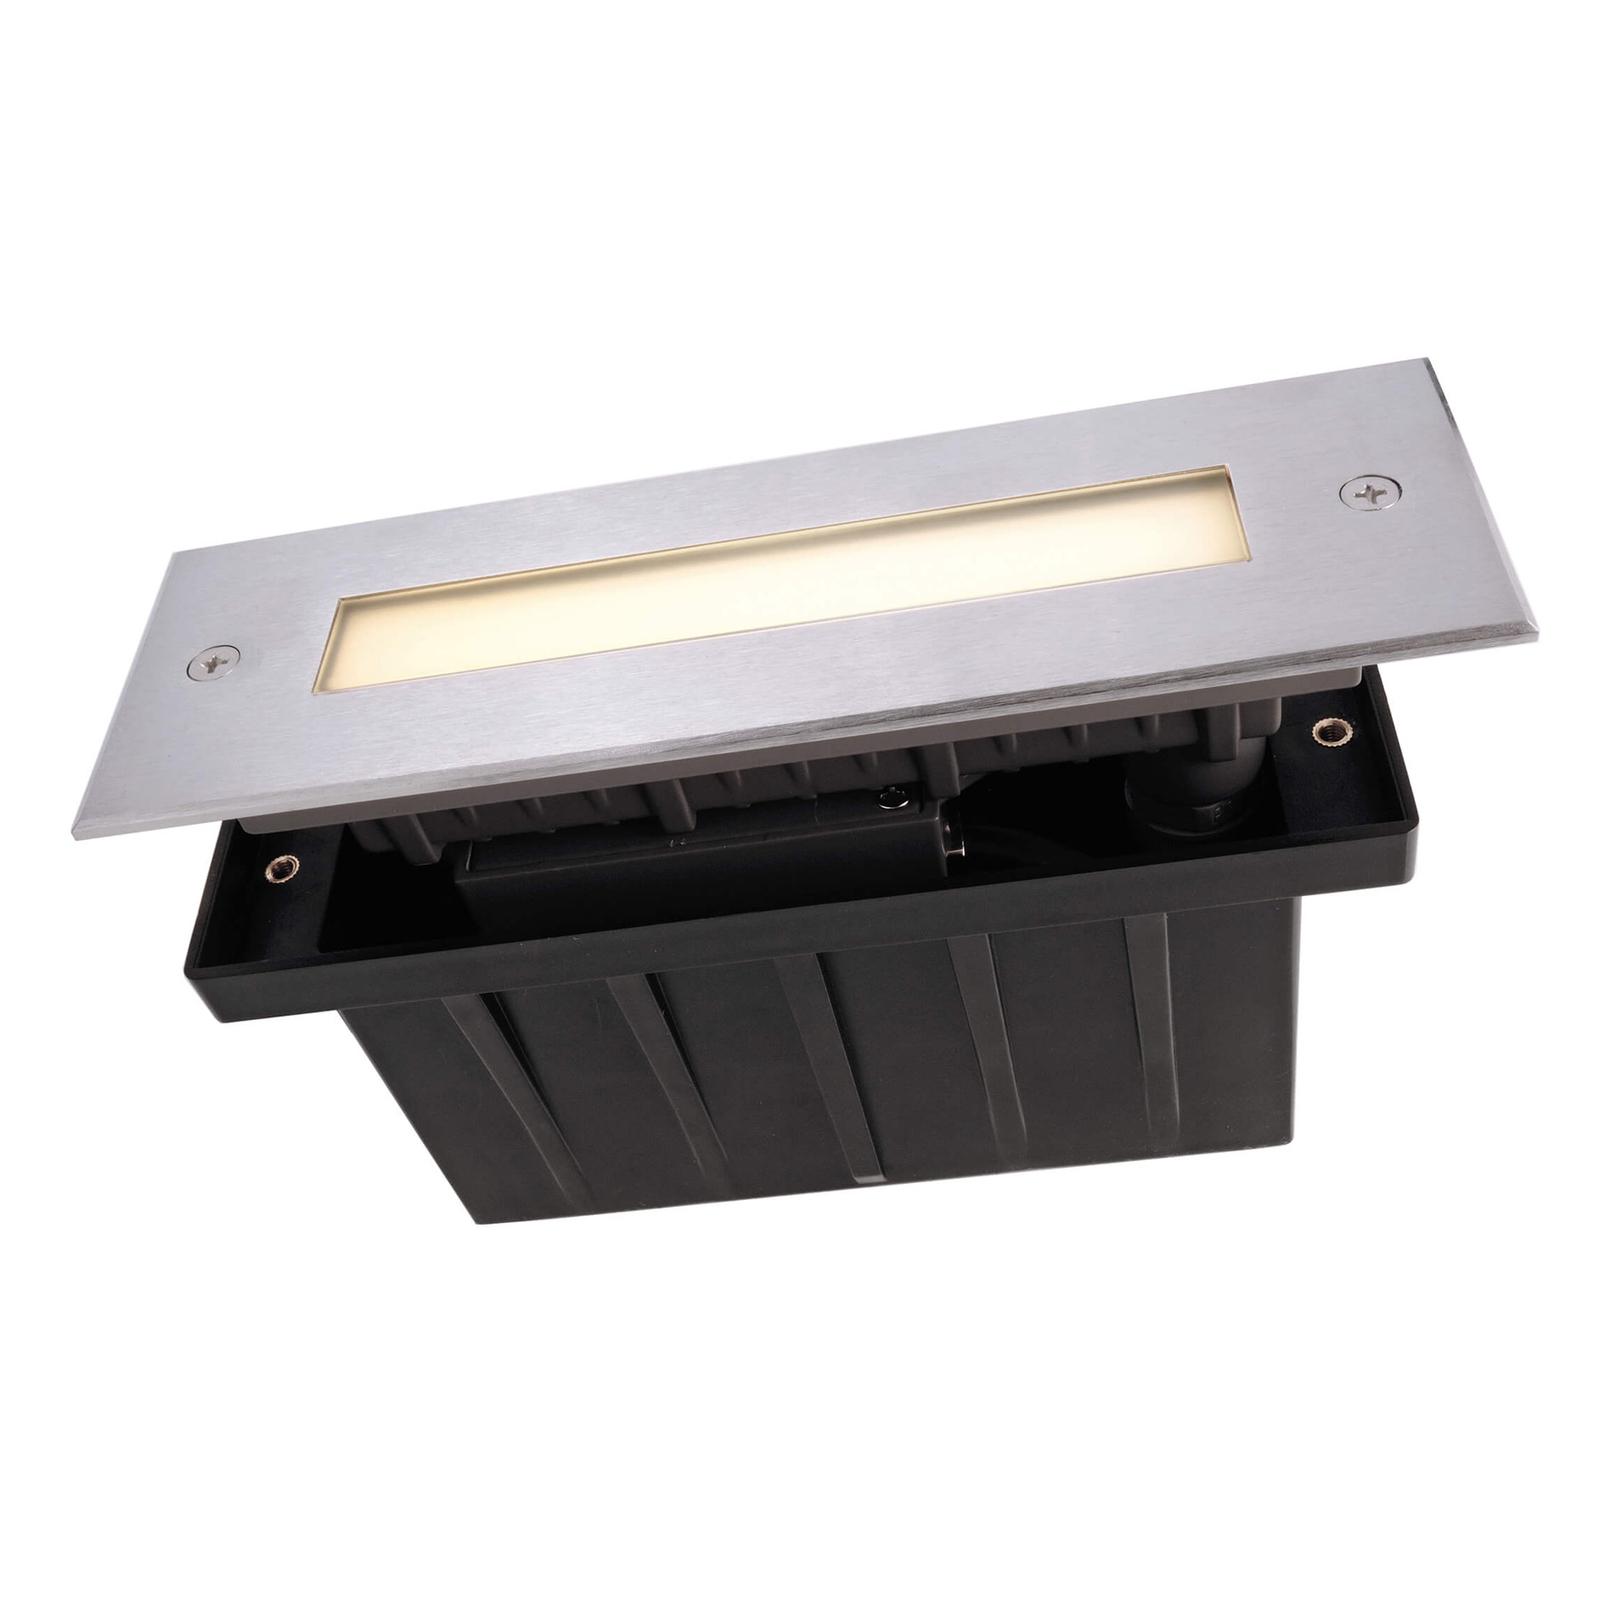 LED inbouwlamp Line, lengte 18,3 cm